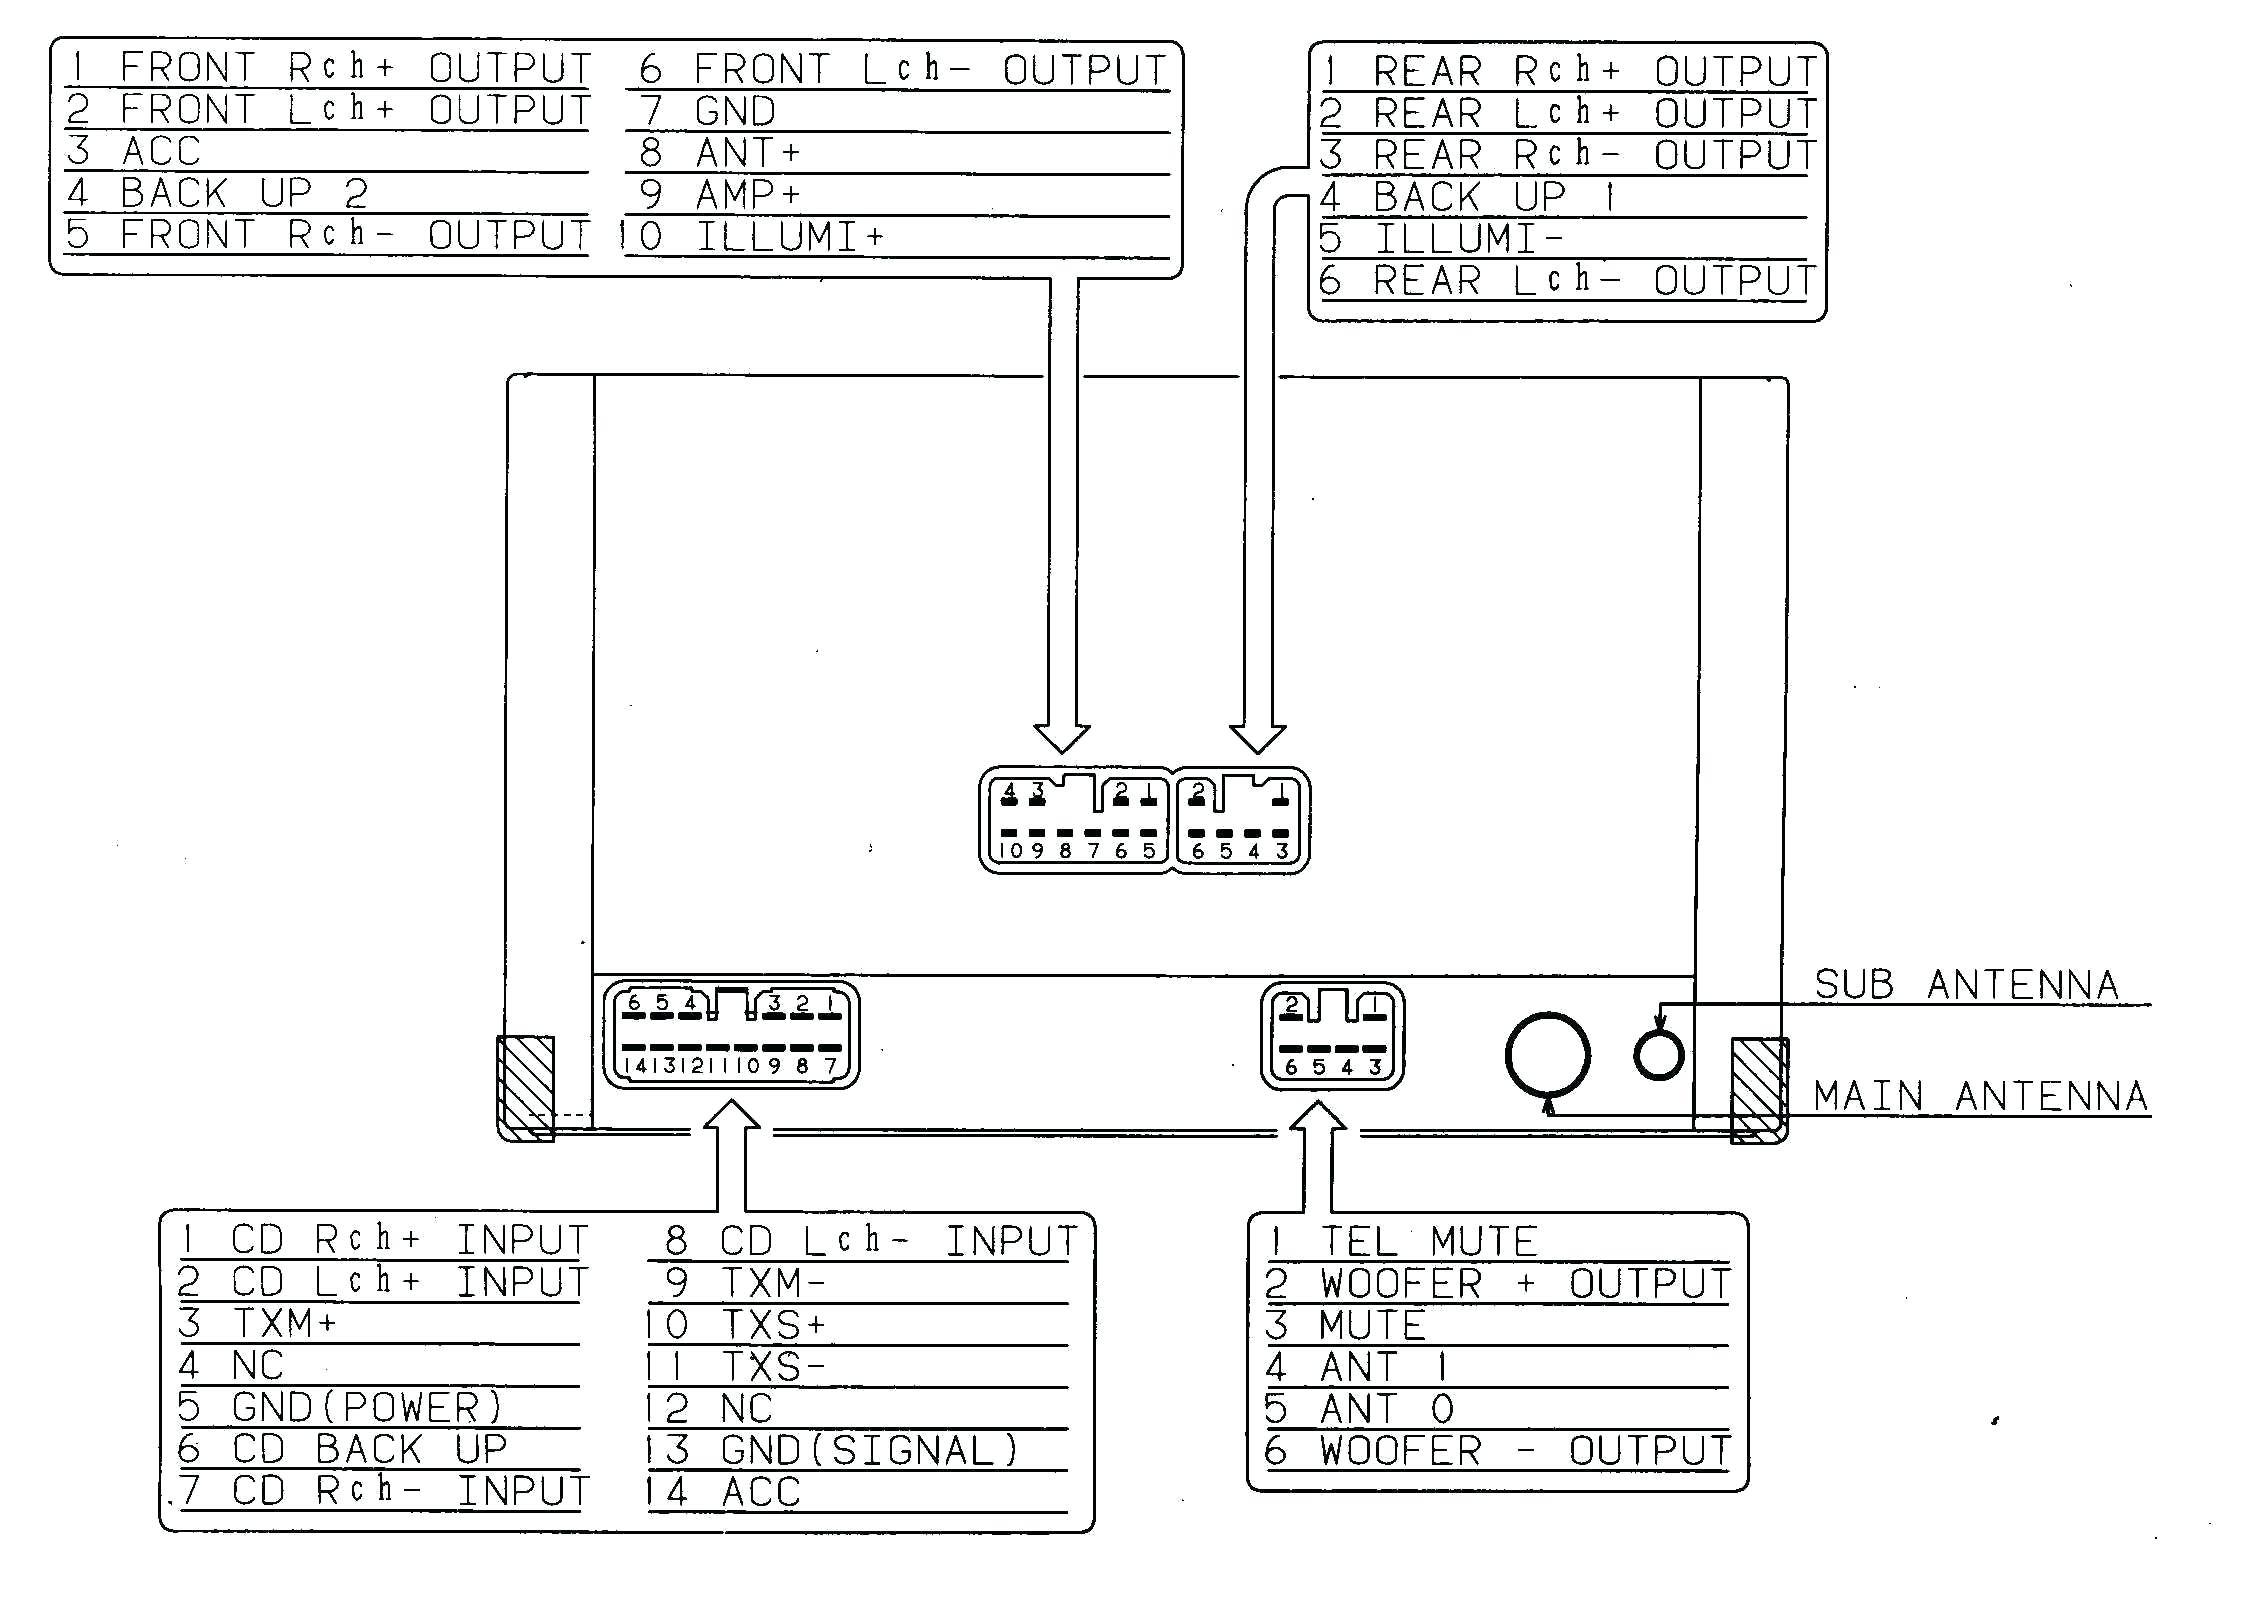 Wiring Diagram Pioneer Deh X1810Ub Best Of Amazing 19 5 - Pioneer Deh-X1810Ub Wiring Diagram